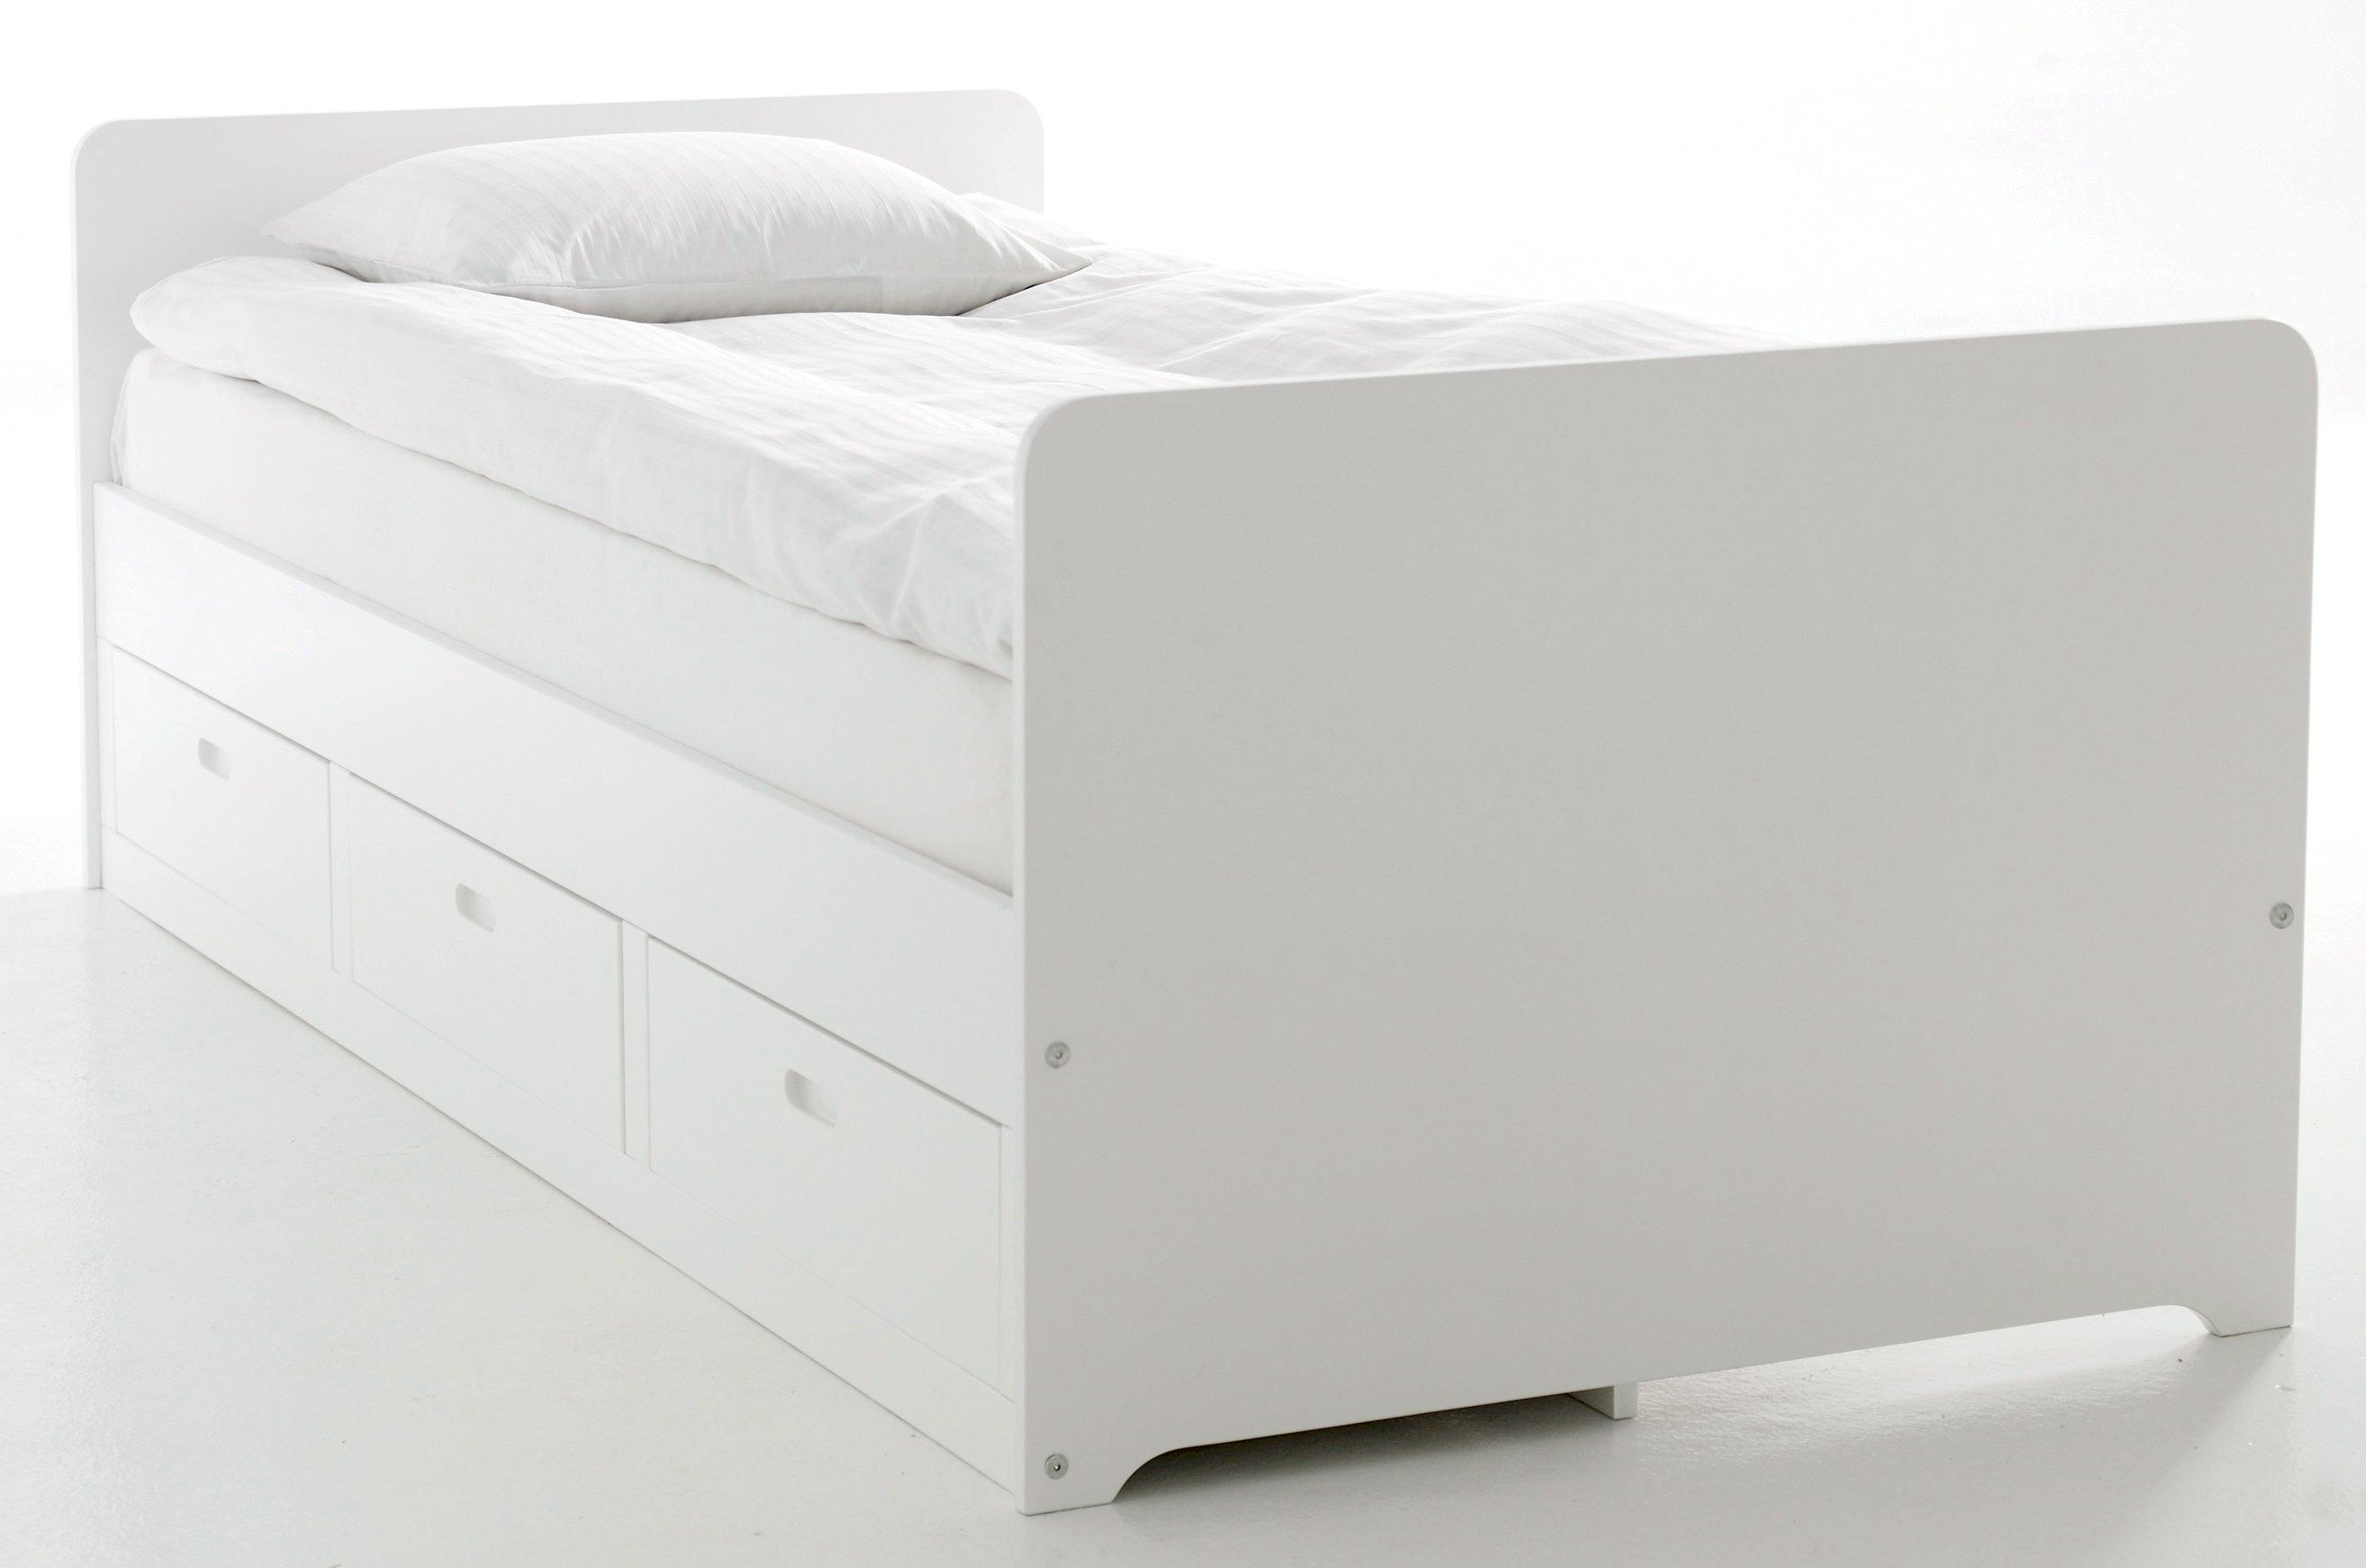 Kanon Ellos Home Säng med förvaring 90x200 - Vit - Hem & inredning EQ-04